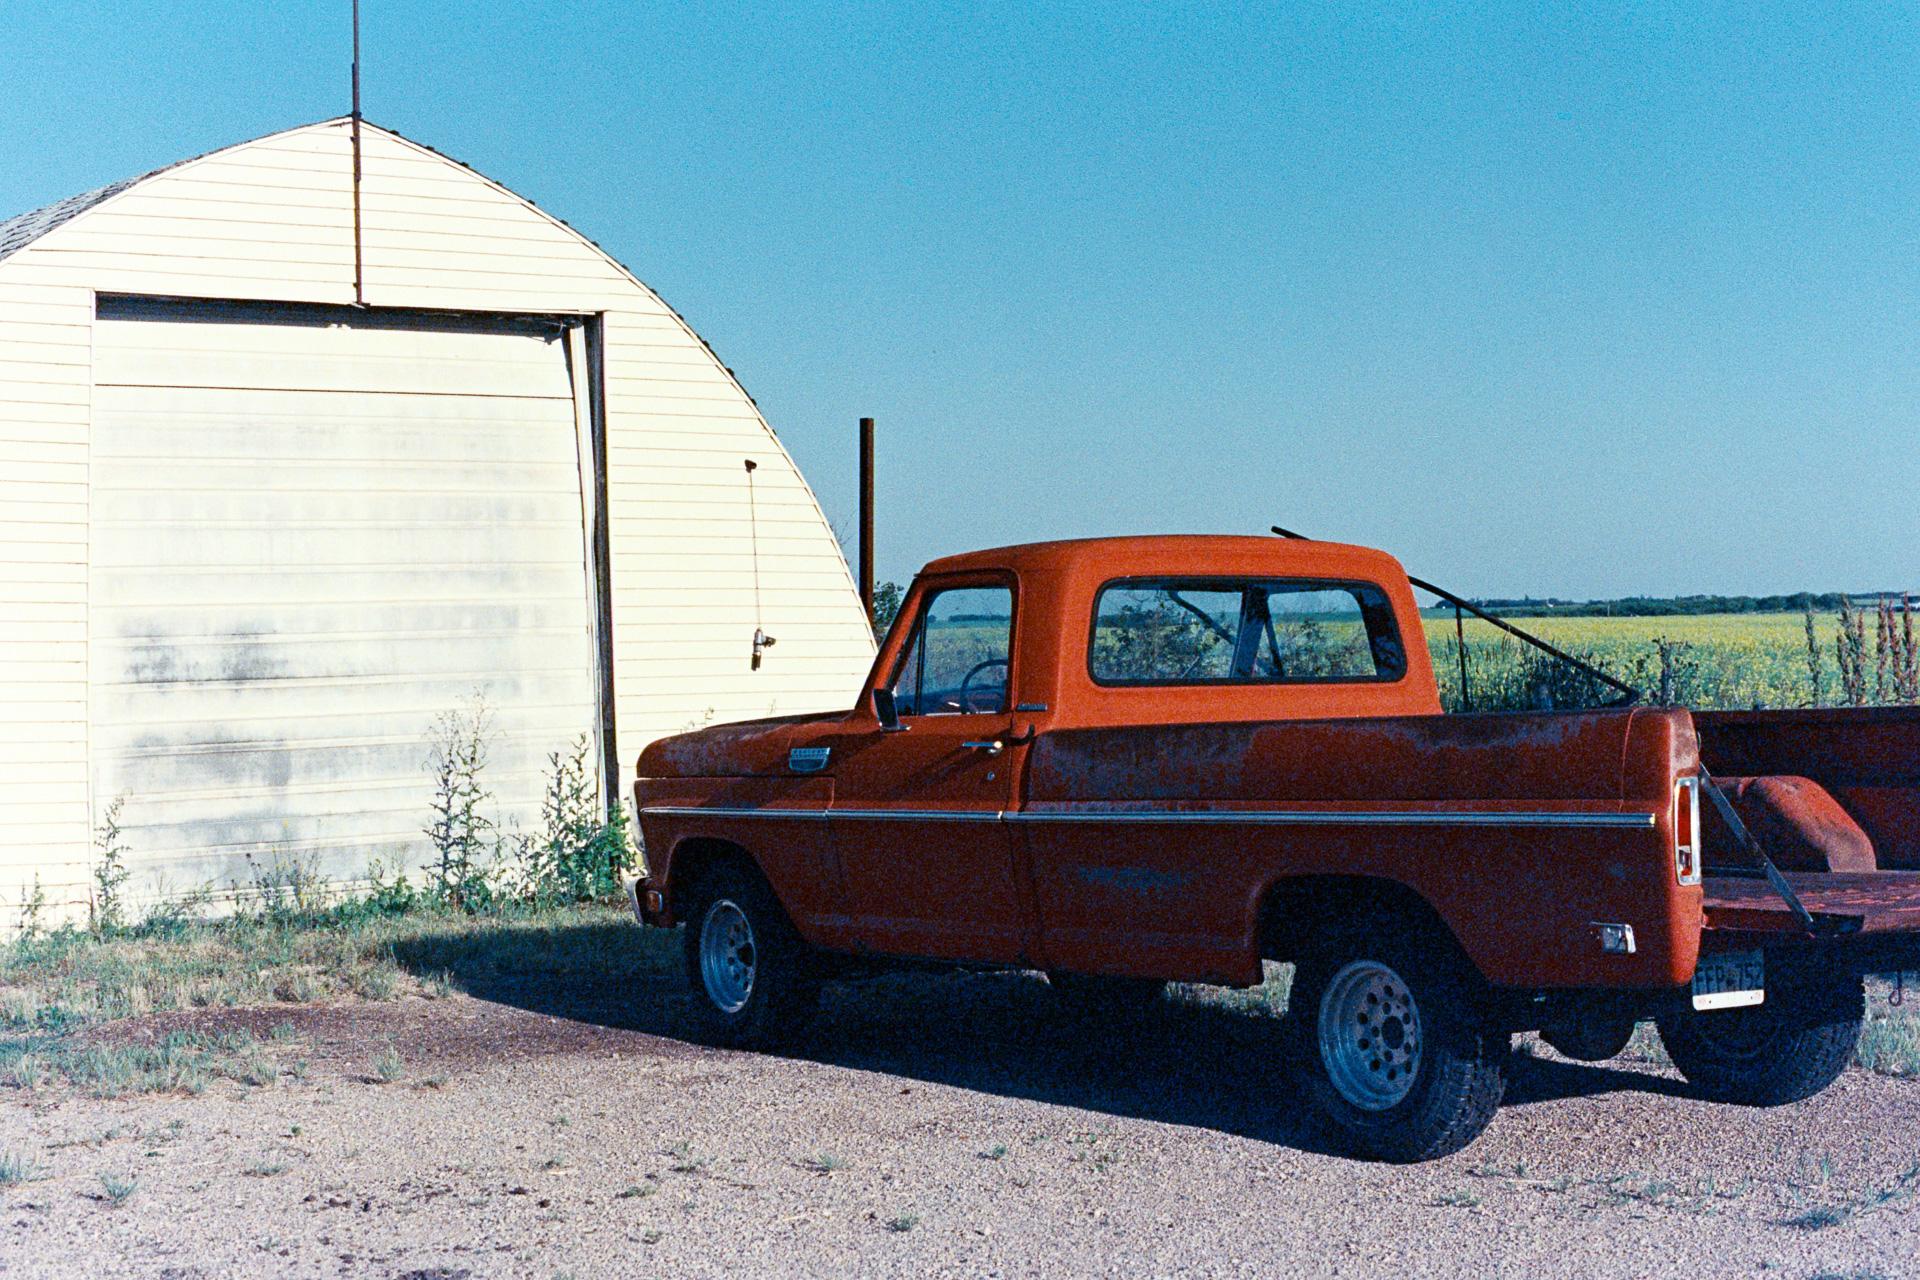 Orange Truck No. 1